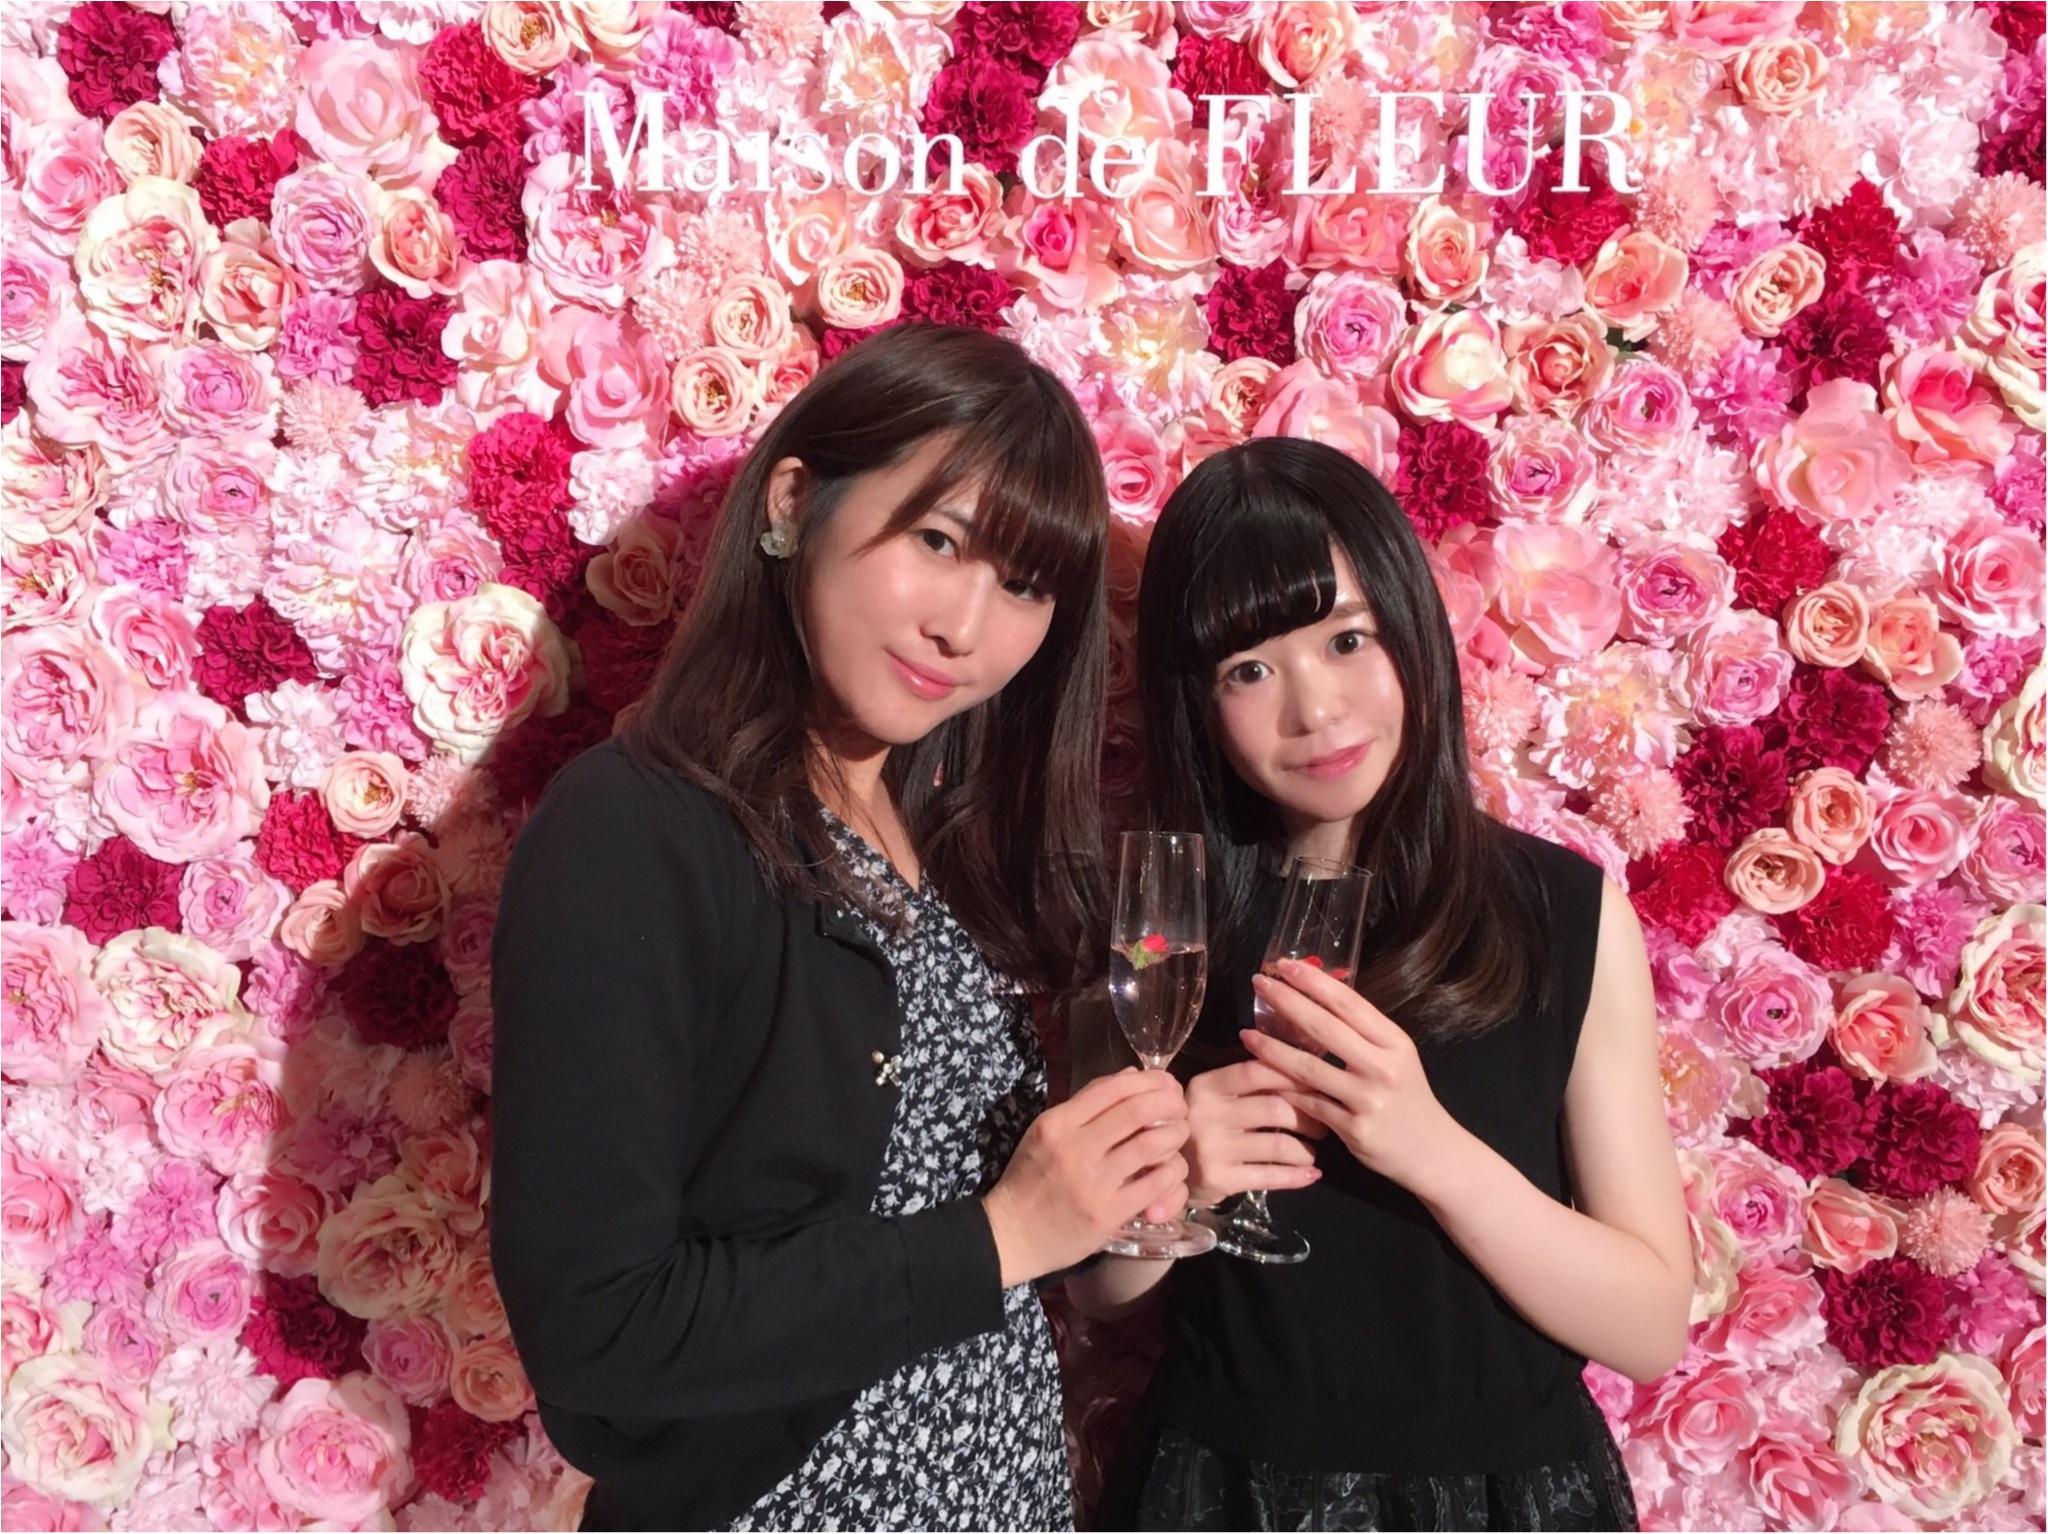 《Maison de FLEUR 4th Birthday Party.》メゾンドフルールの4周年パーティ♡私達、このピンクの世界を愛してる!♡♡_3